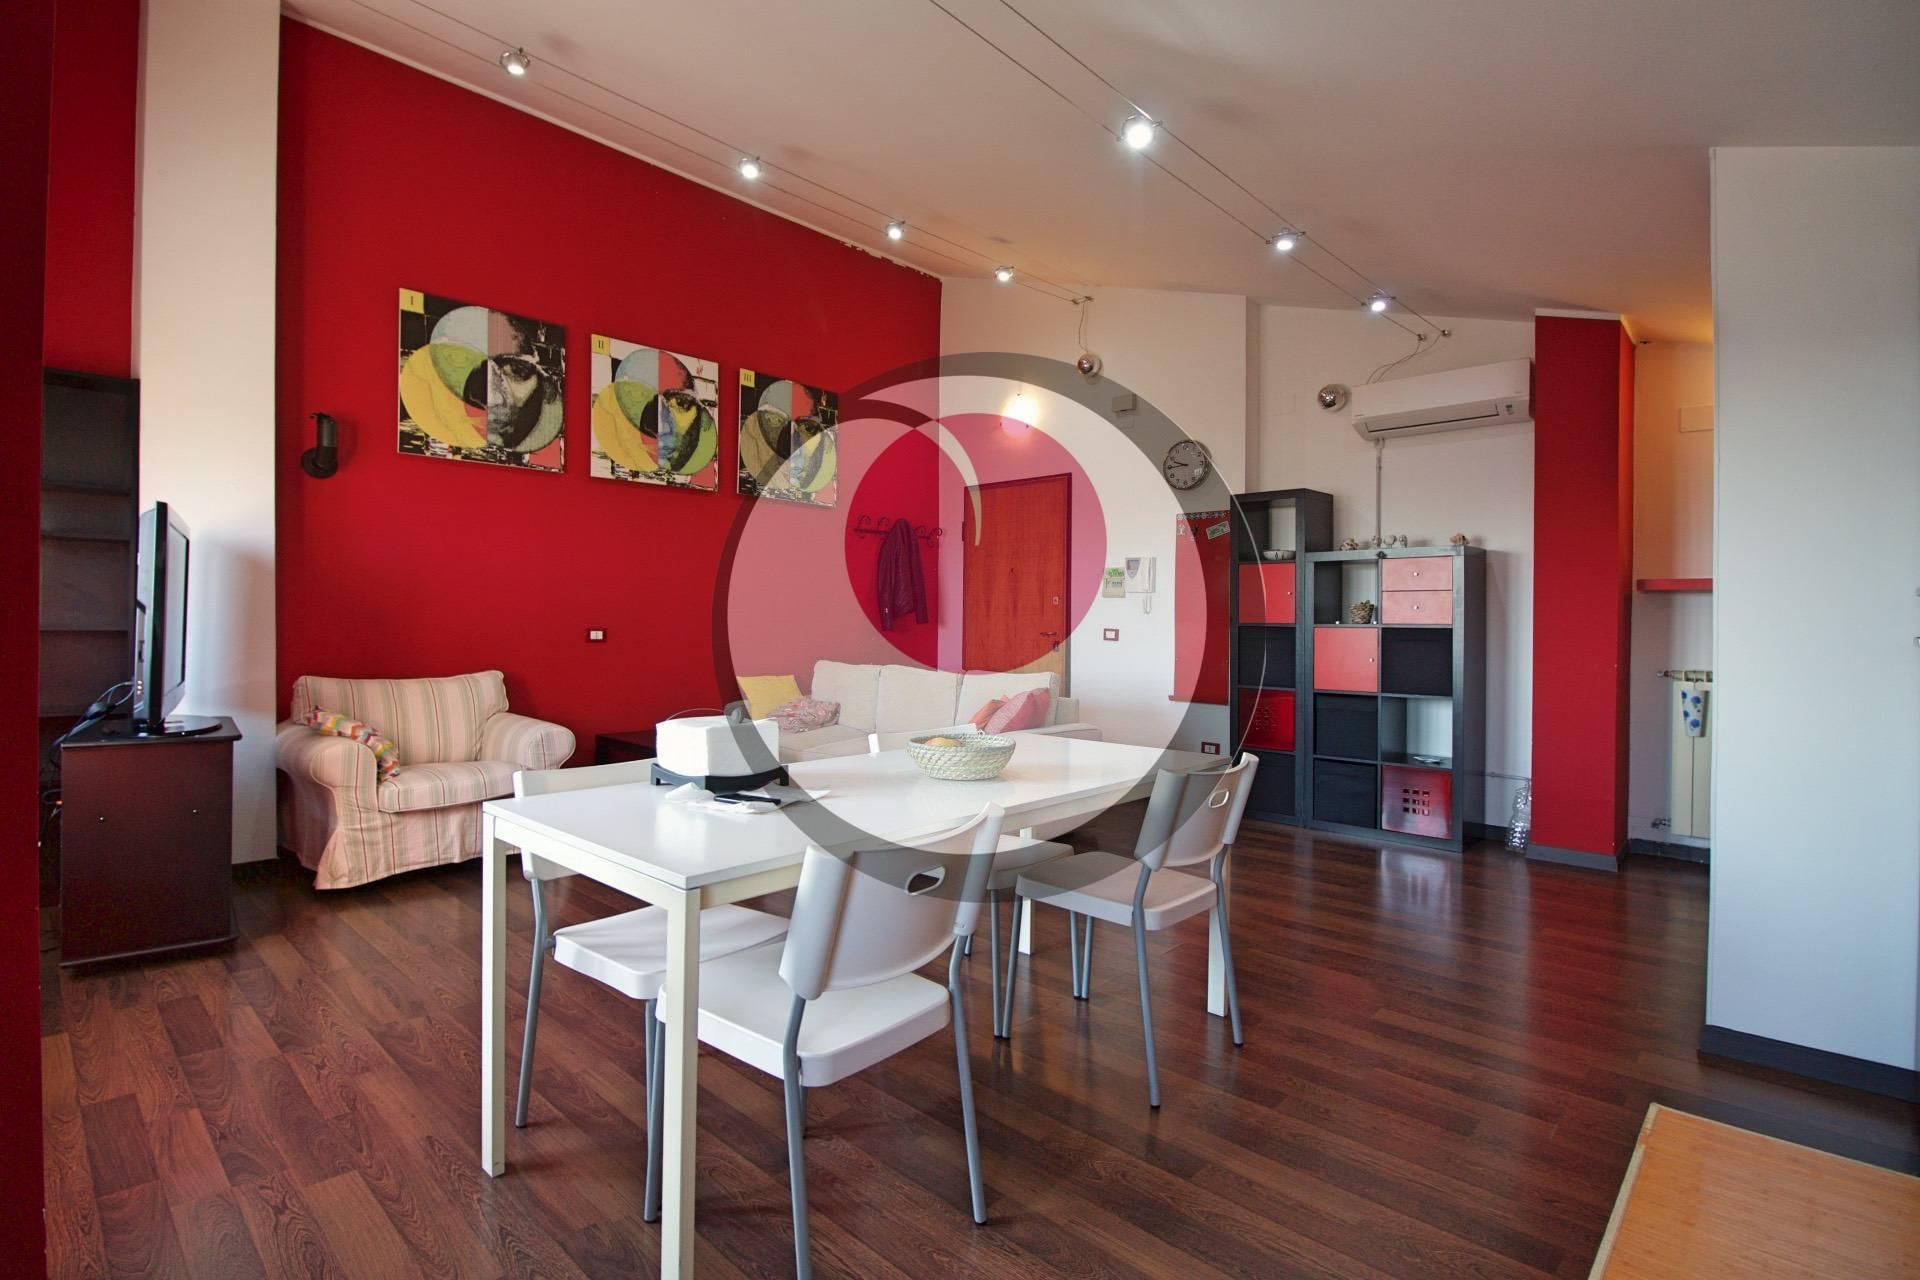 Attico / Mansarda in vendita a Lanciano, 3 locali, prezzo € 85.000   PortaleAgenzieImmobiliari.it